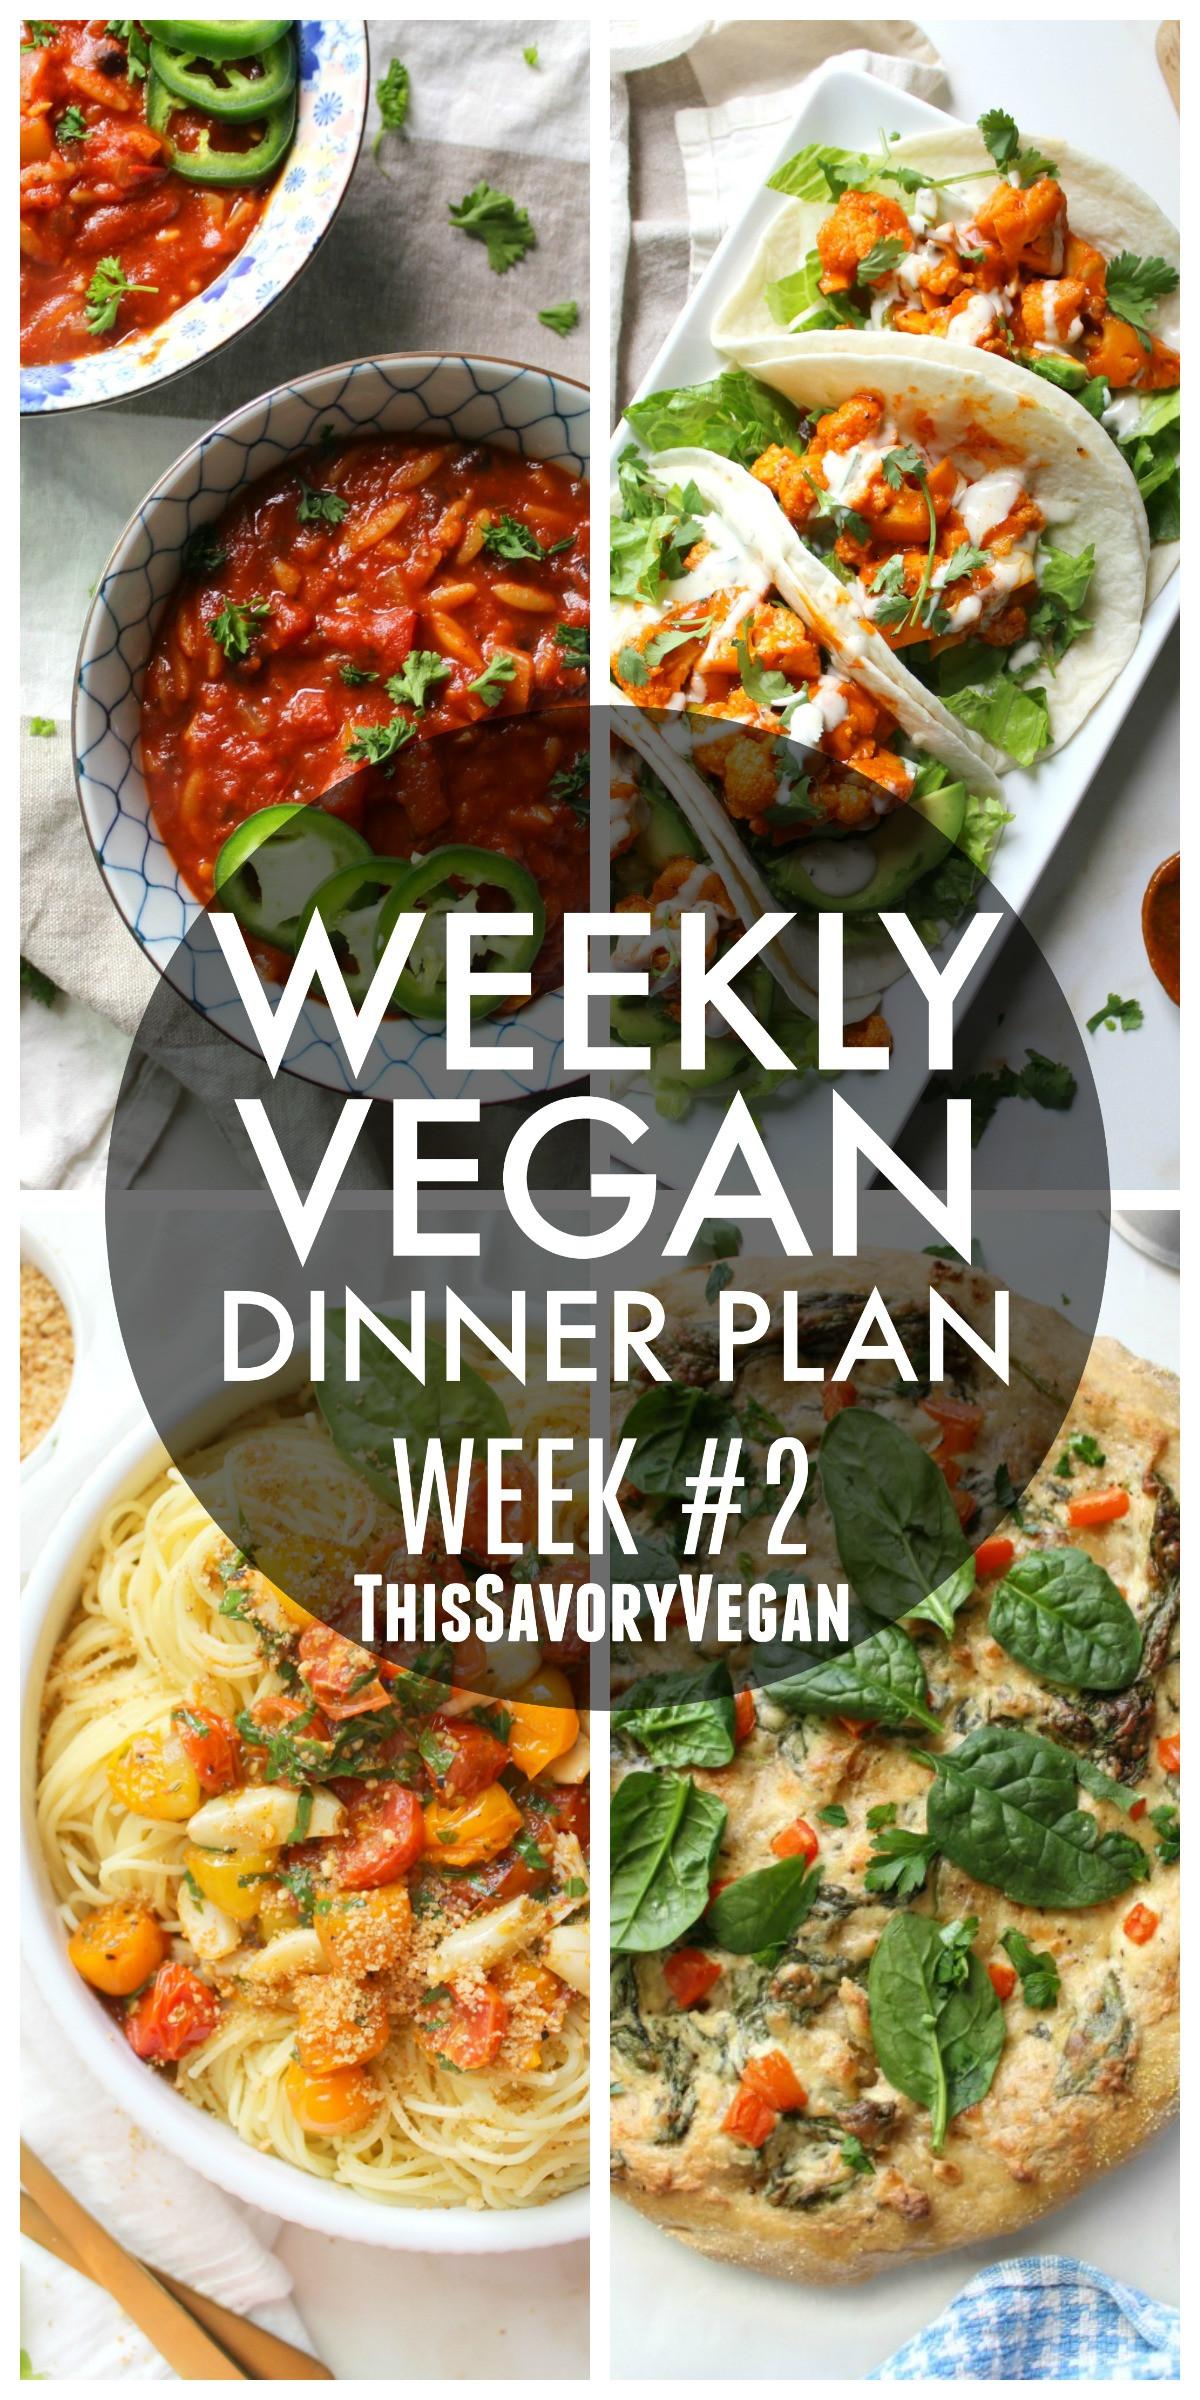 Vegan Dinner For Two  Weekly Vegan Dinner Plan 2 This Savory Vegan